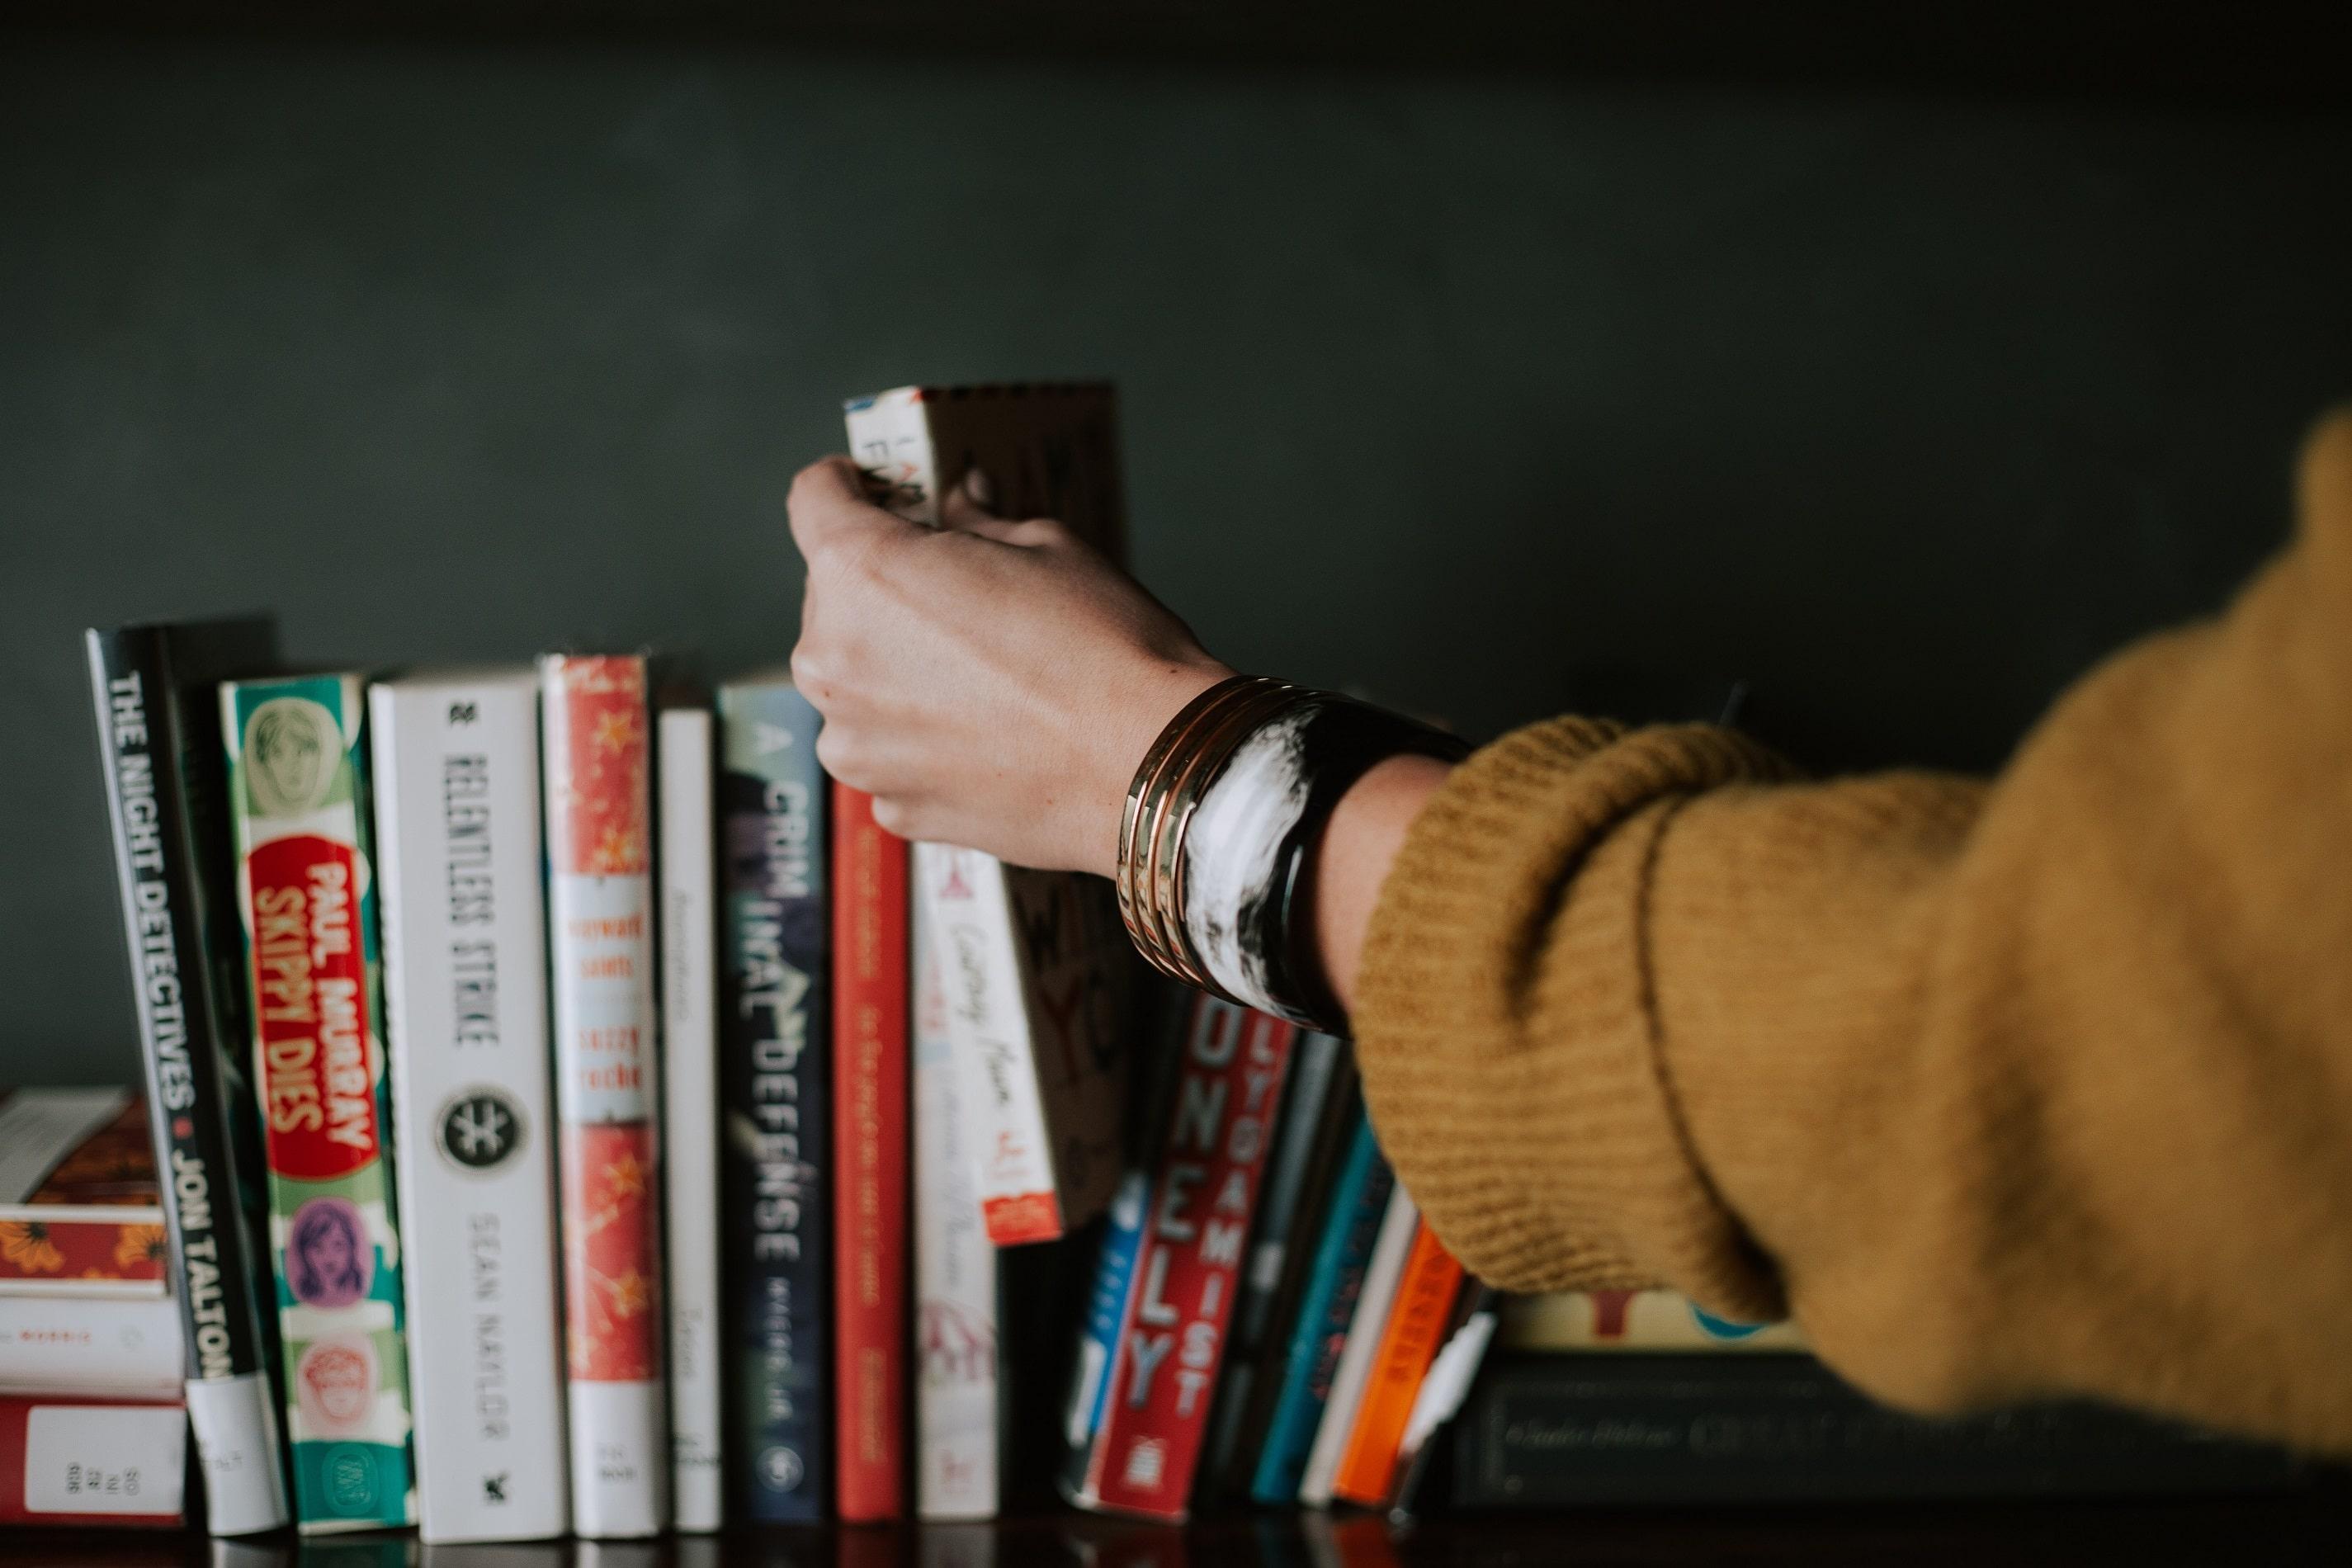 hand taking book from bookshelf